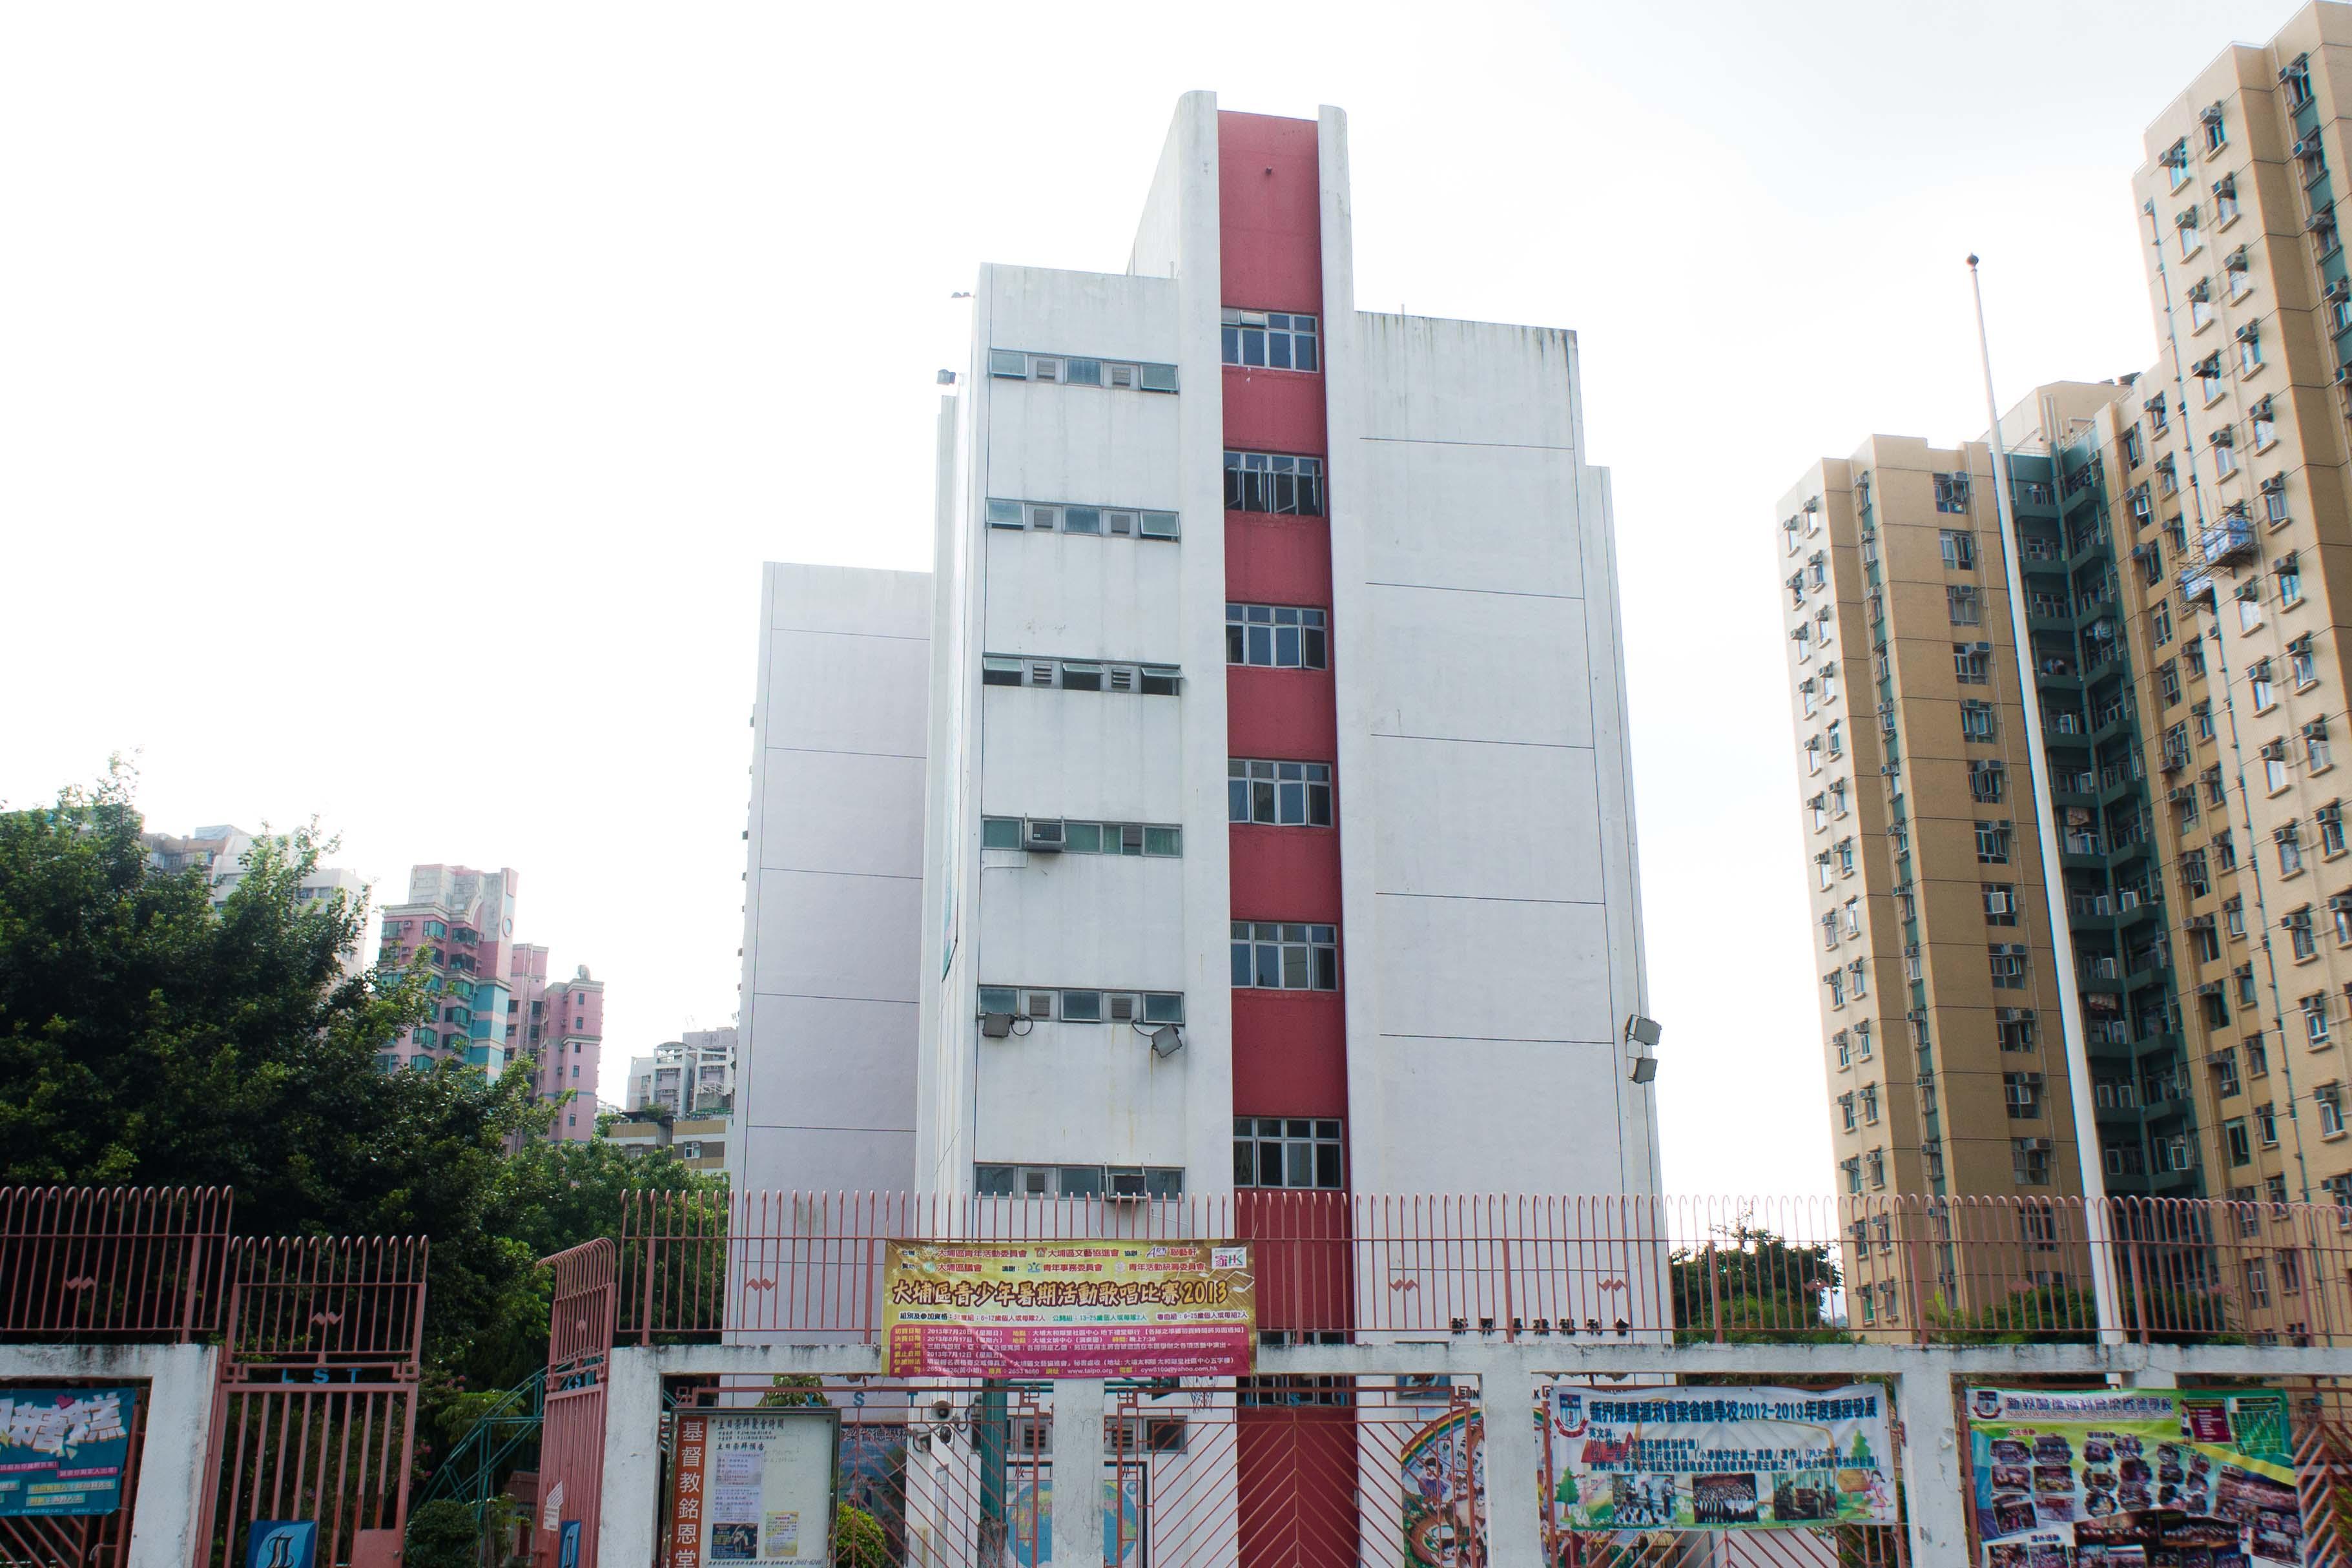 新界婦孺福利會梁省德學校 NTWJWAL Leung Sing Tak Primary School 新界婦孺福利會有限公司梁省德學校